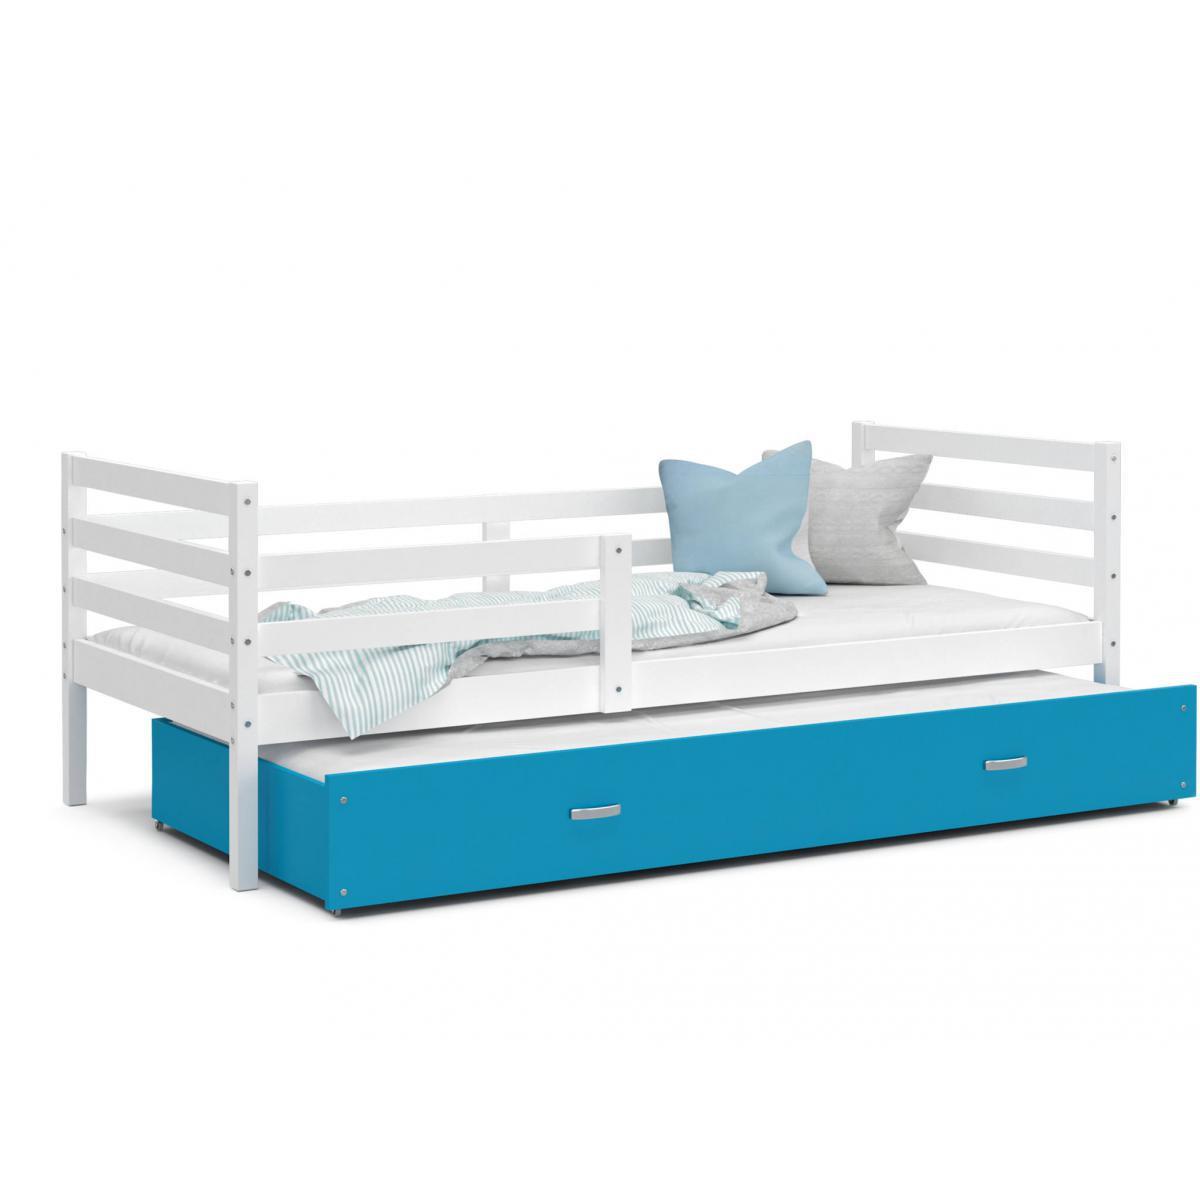 Kids Literie LIT Gigogne Milo 90x190 Blanc - Bleu livré avec sommier, tiroir et matelas de 7cm OFFERT.